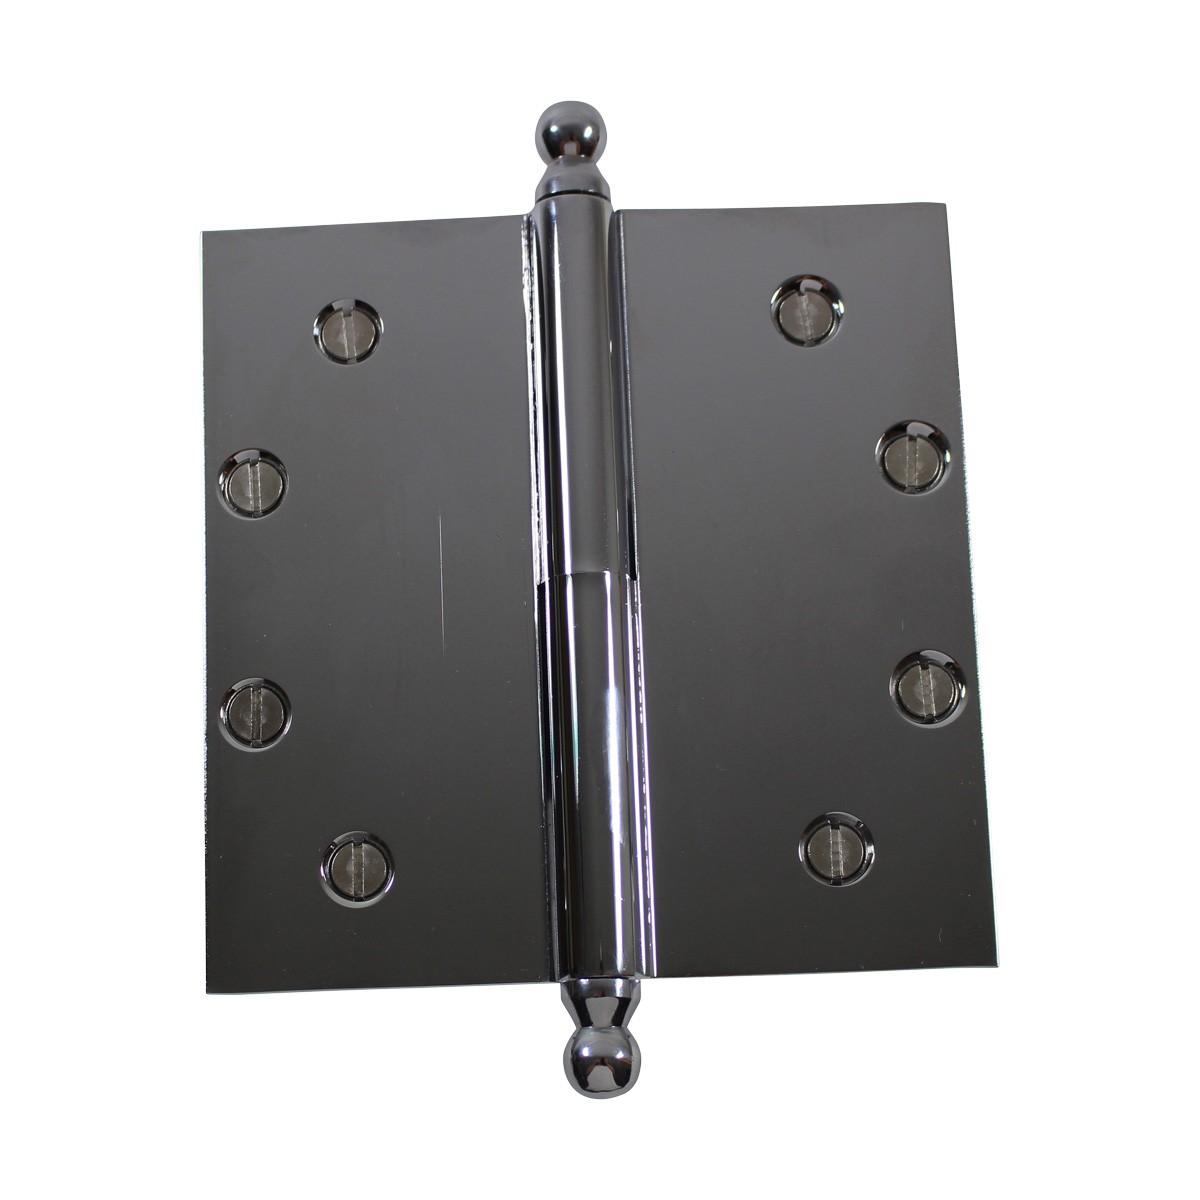 5 in. Lift Off Right Chrome Brass Door Hinge Ball Tip Door Hinges Door Hinge